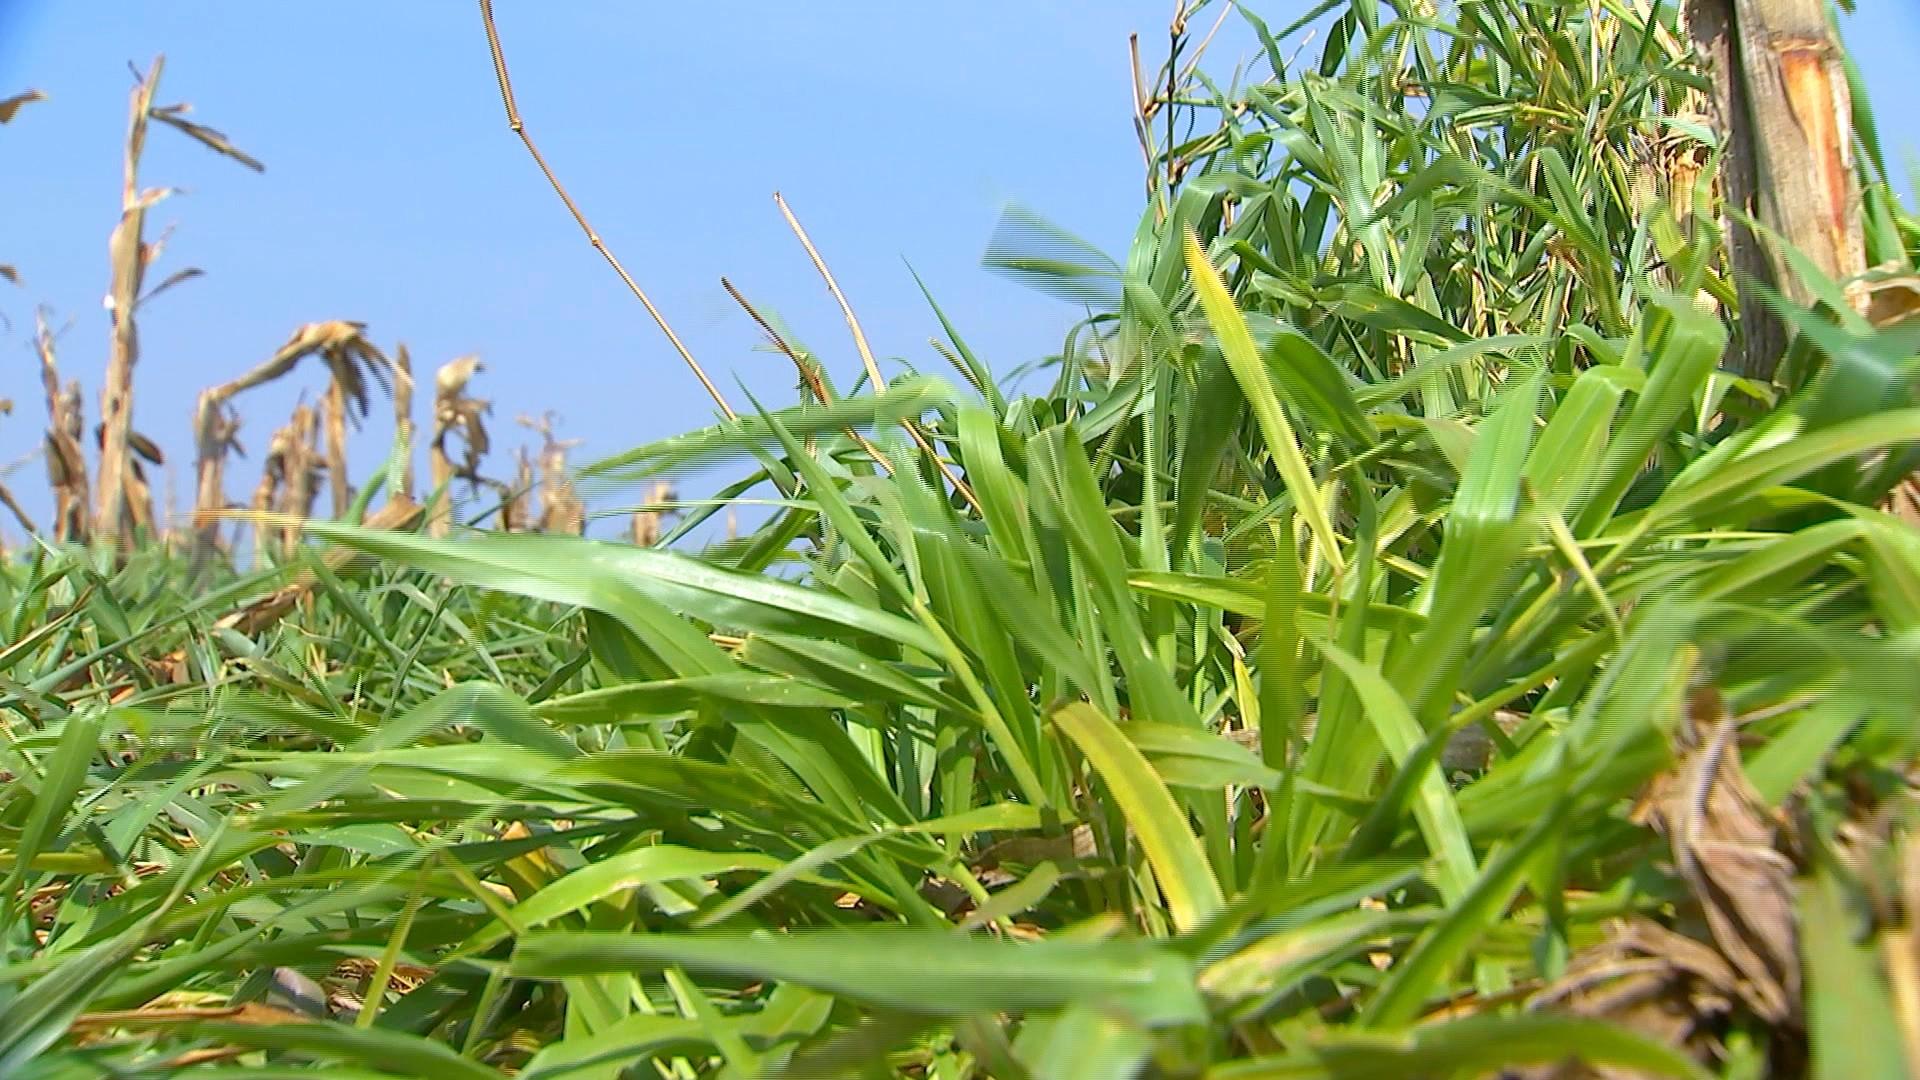 Agricultores plantam braquiária para proteger solo na entressafra de grãos